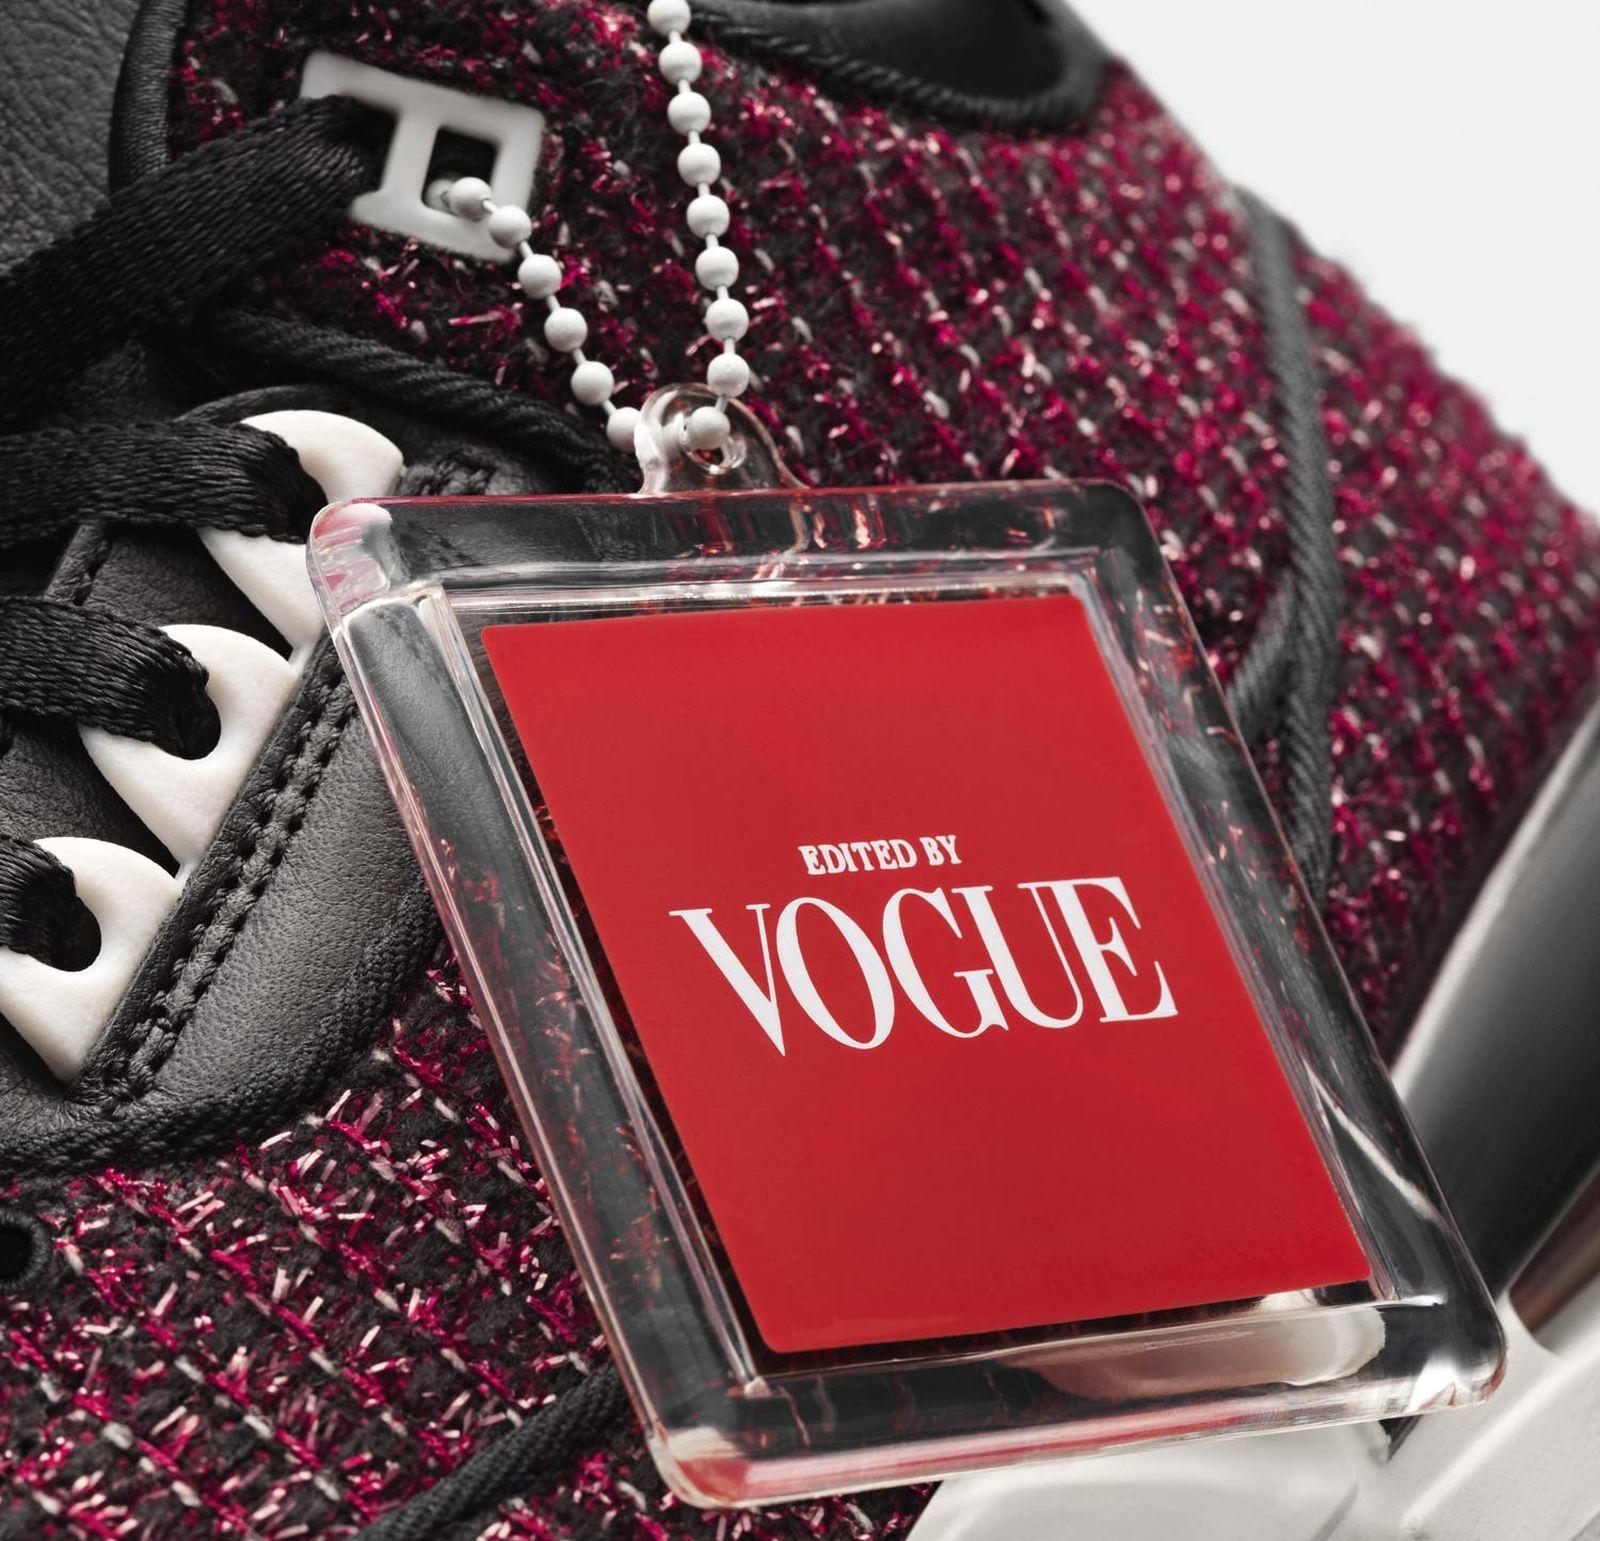 vogue nike air jordan 1 awok release date price jordan brand